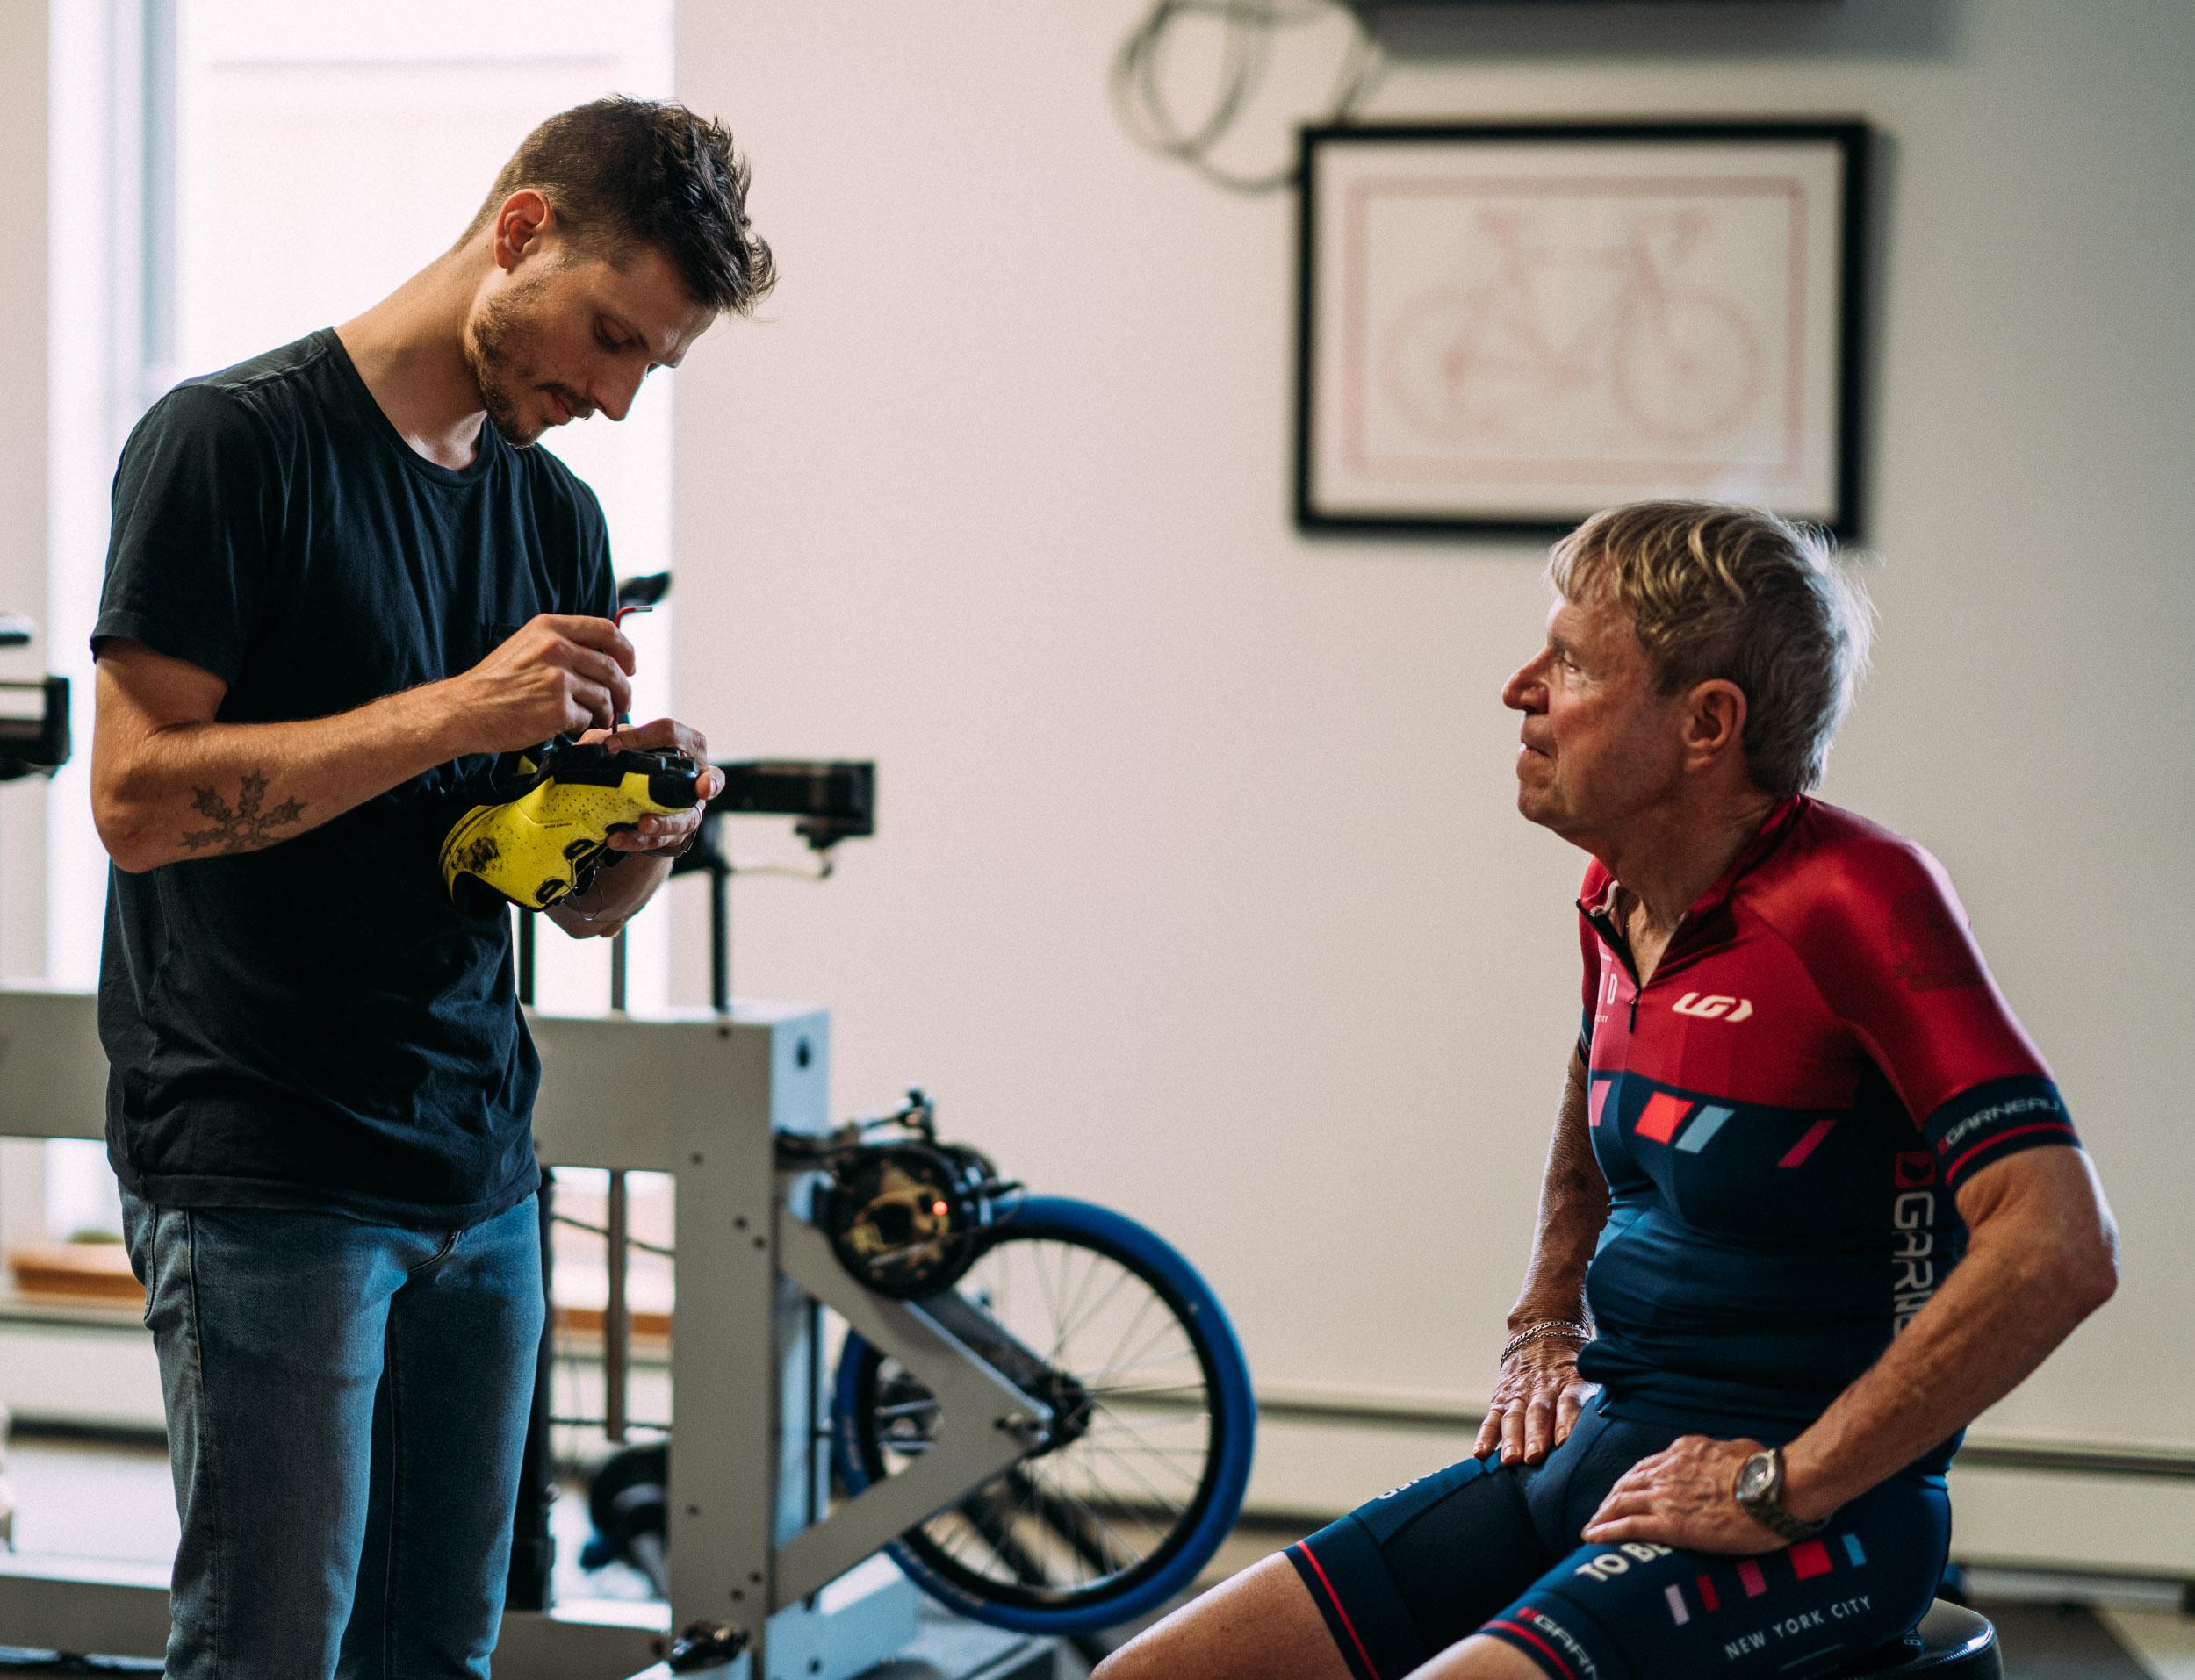 photo-rhetoric-to-be-determined-acme-bike-fits-1008.jpg